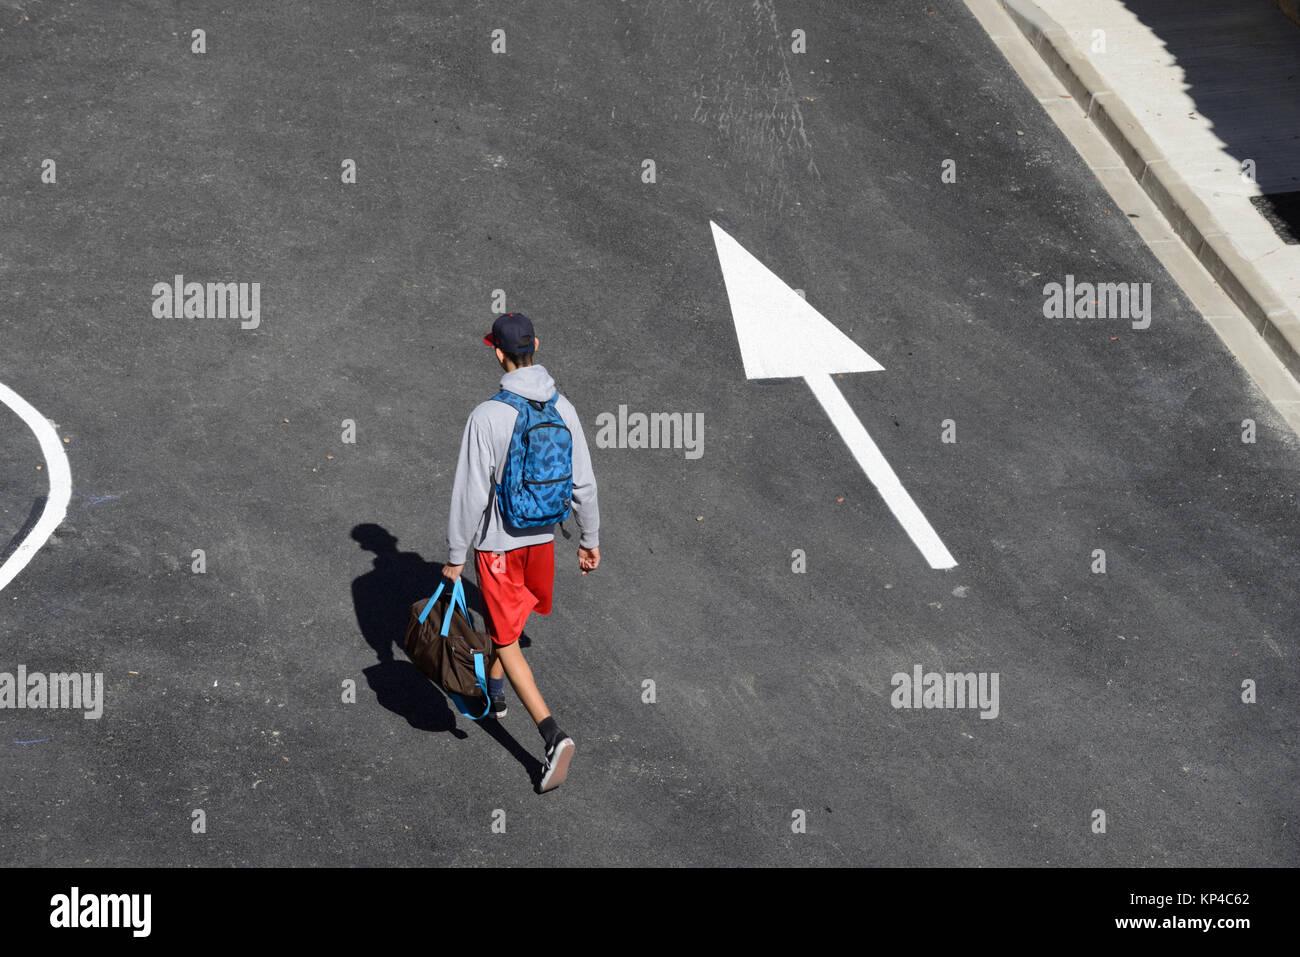 Mann zu Fuß die Straße runter nach Richtungspfeil Aigues-Mortes, Gard, Frankreich Stockbild